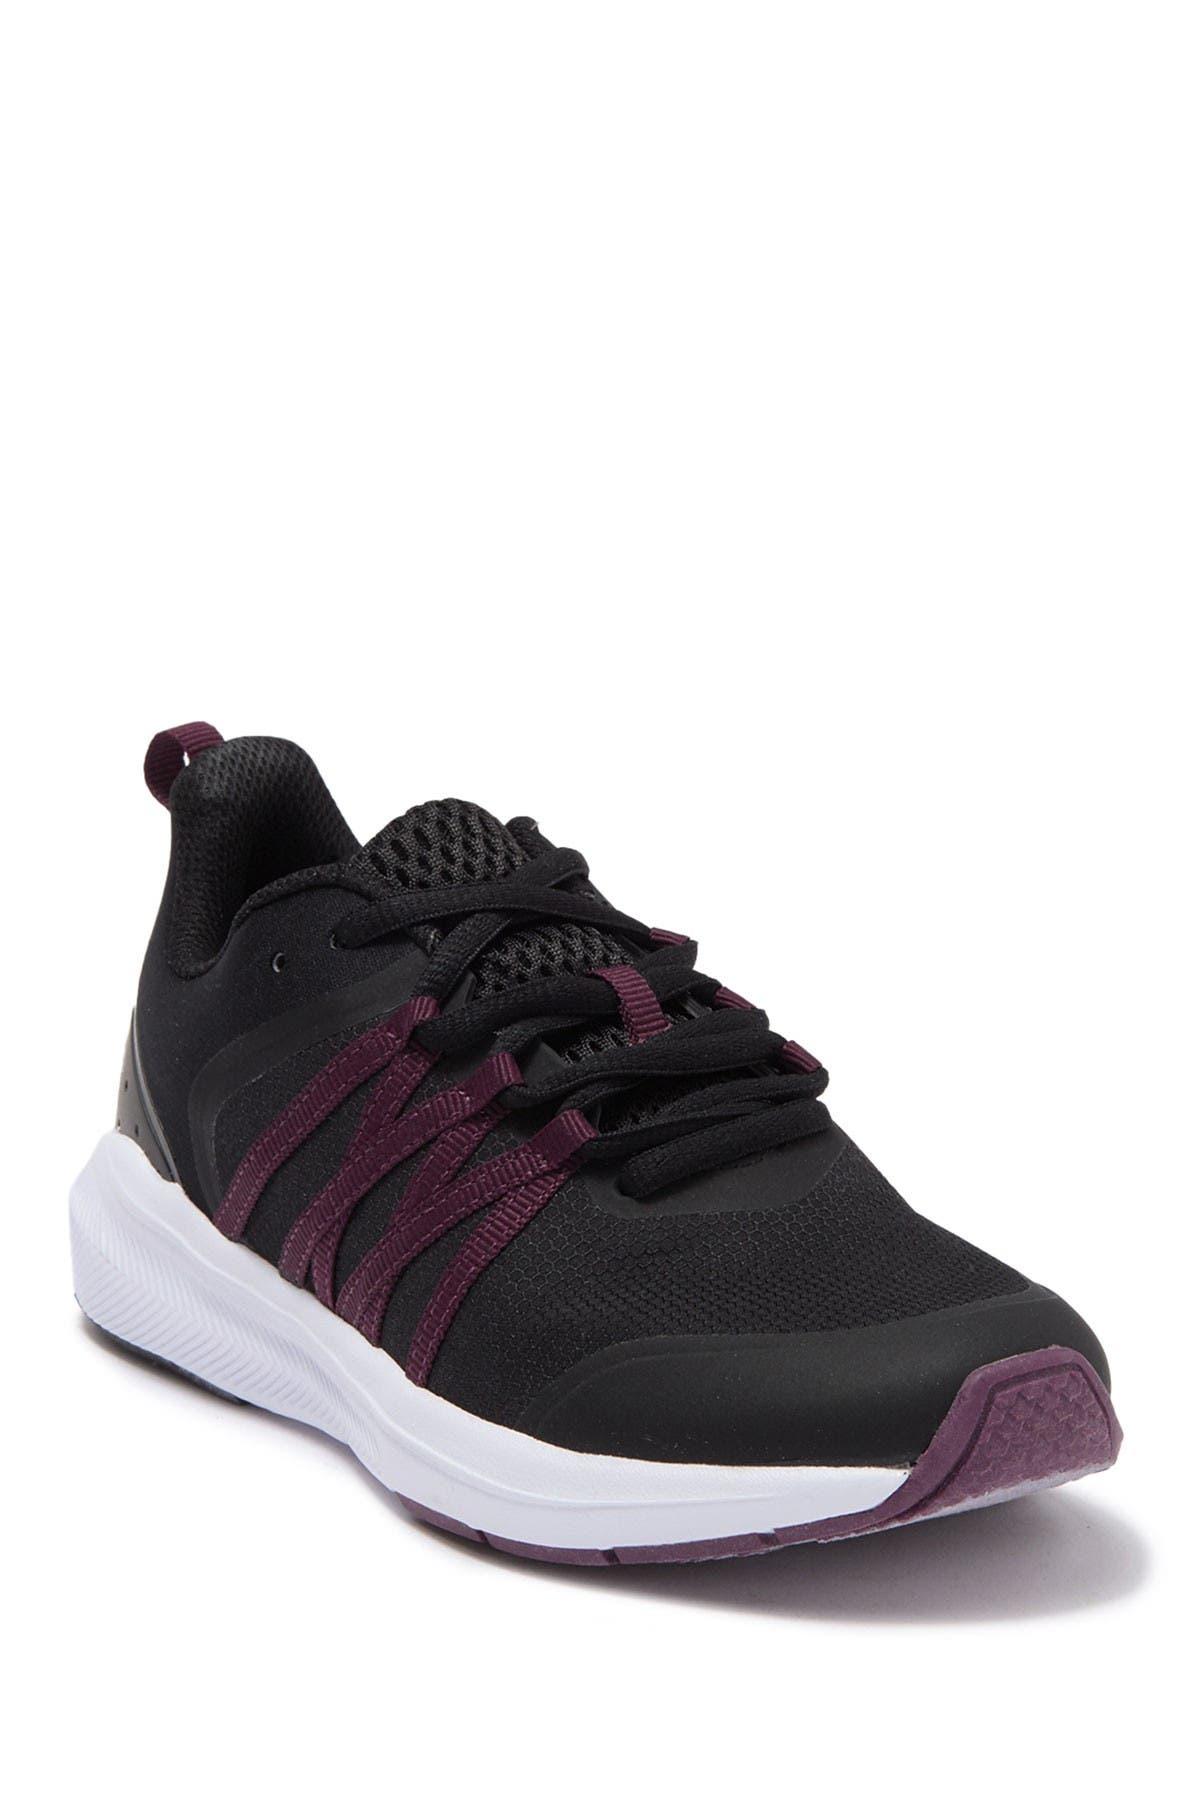 Image of Energy Zone Enthusiast II Sneaker